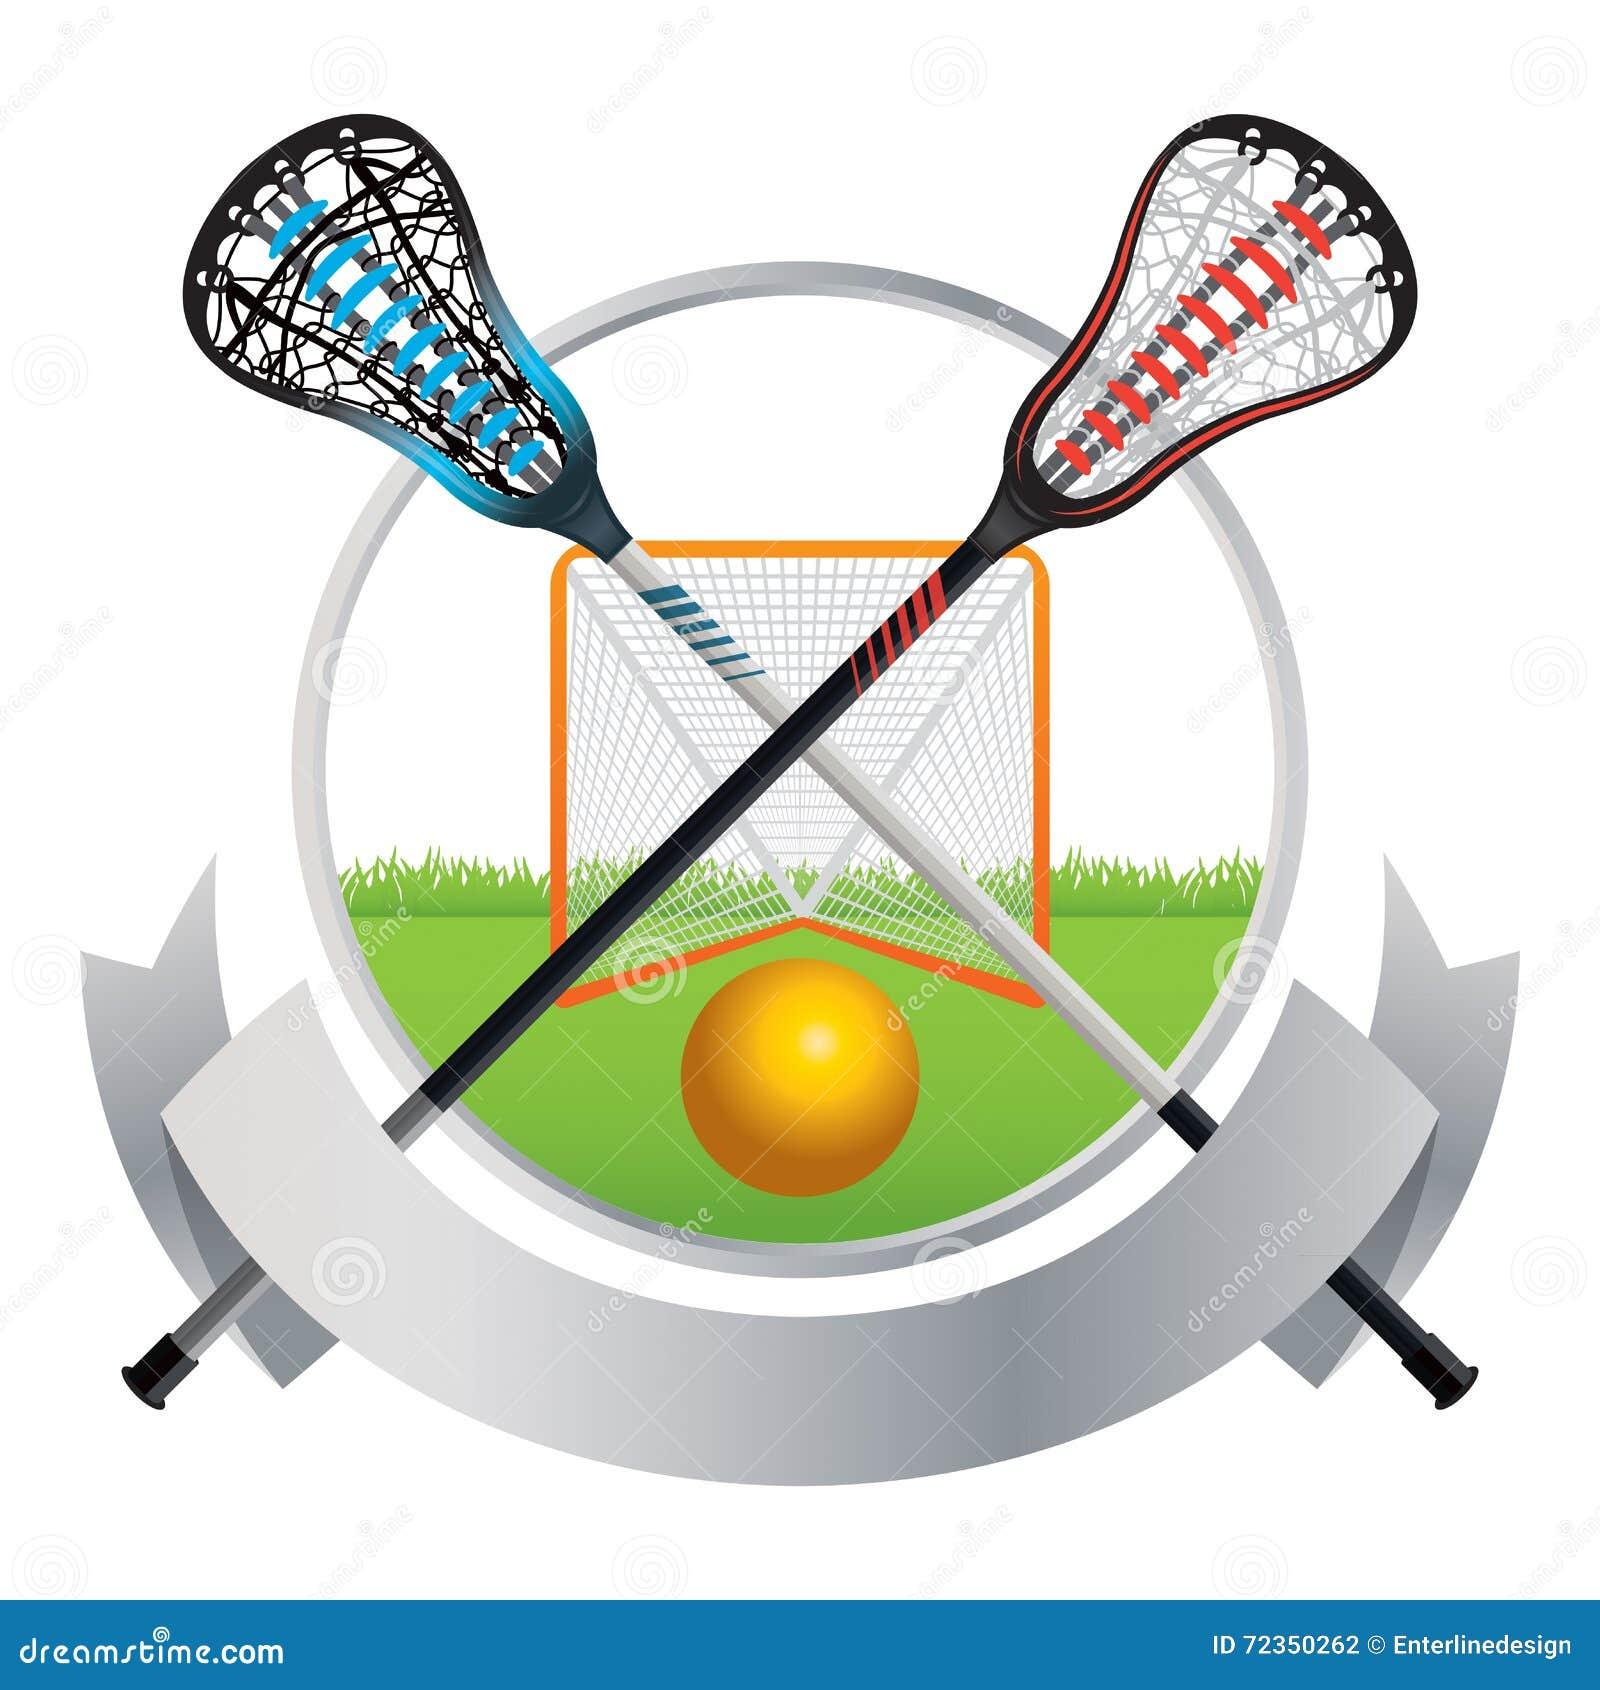 曲棍网兜球象征和横幅设计